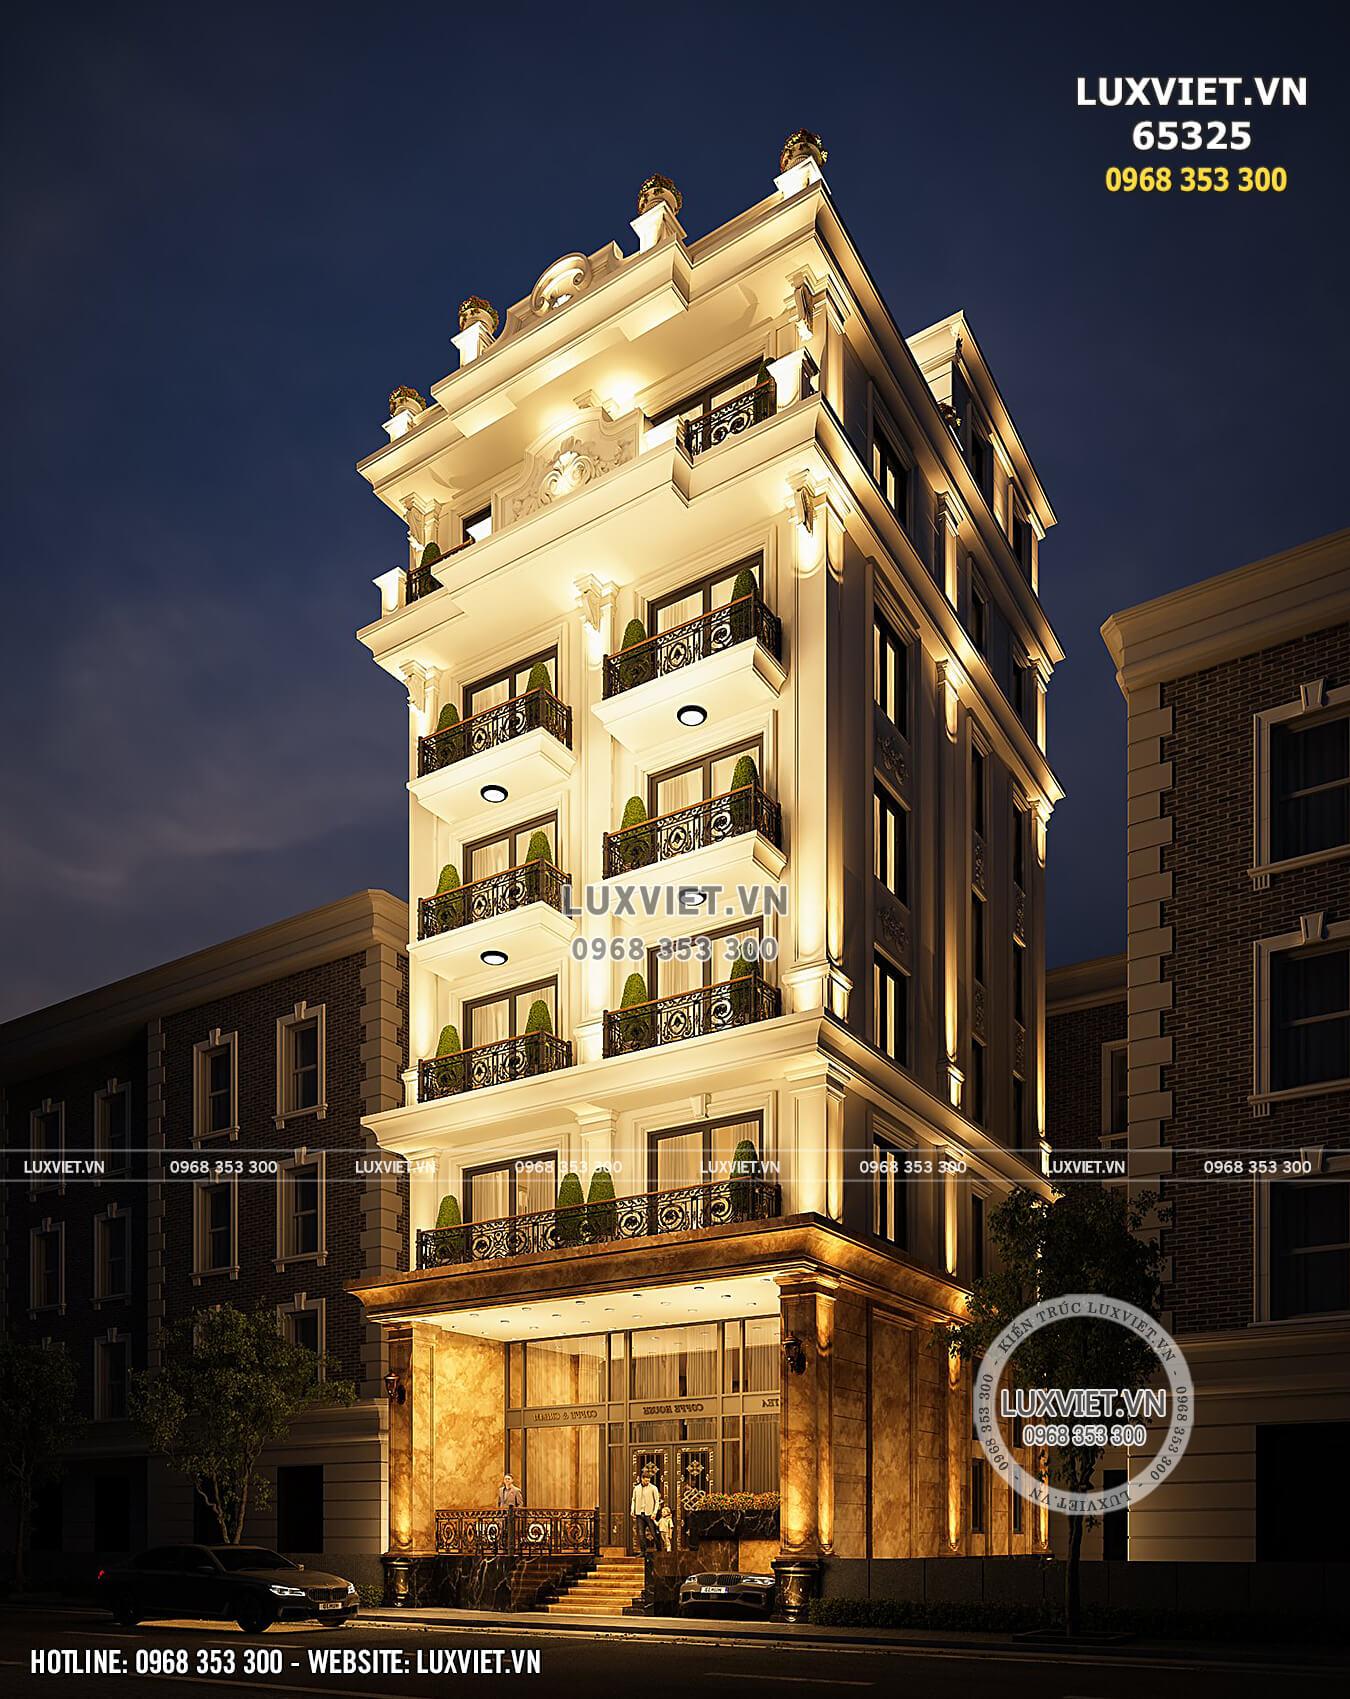 Hình ảnh: Khách sạn mini phong cách tân cổ điển hoa lệ - LV 65325